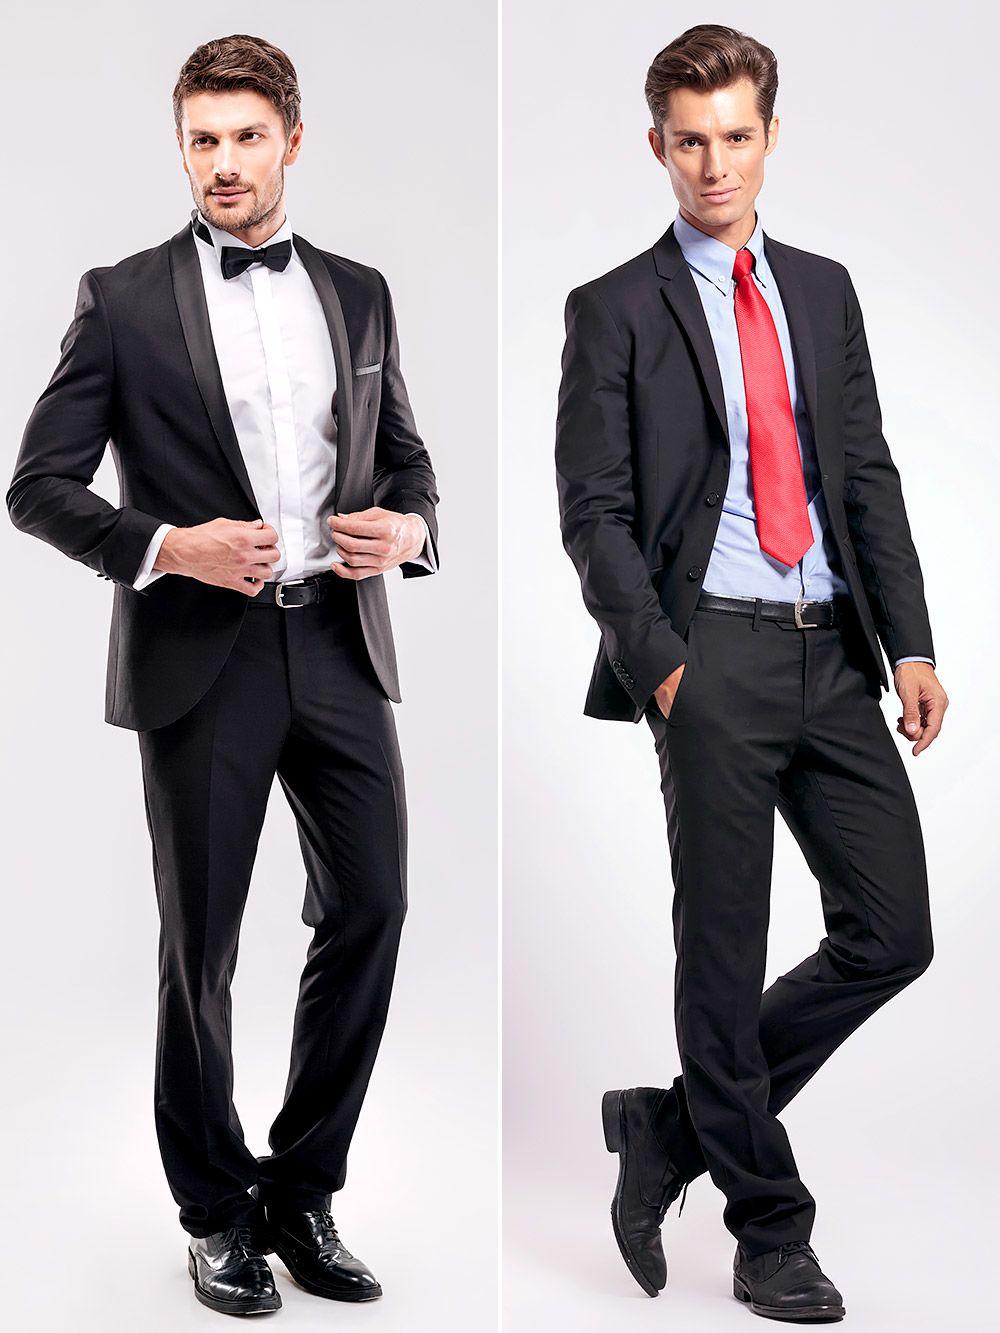 Tuxedo và suit, đâu là điểm khác biệt